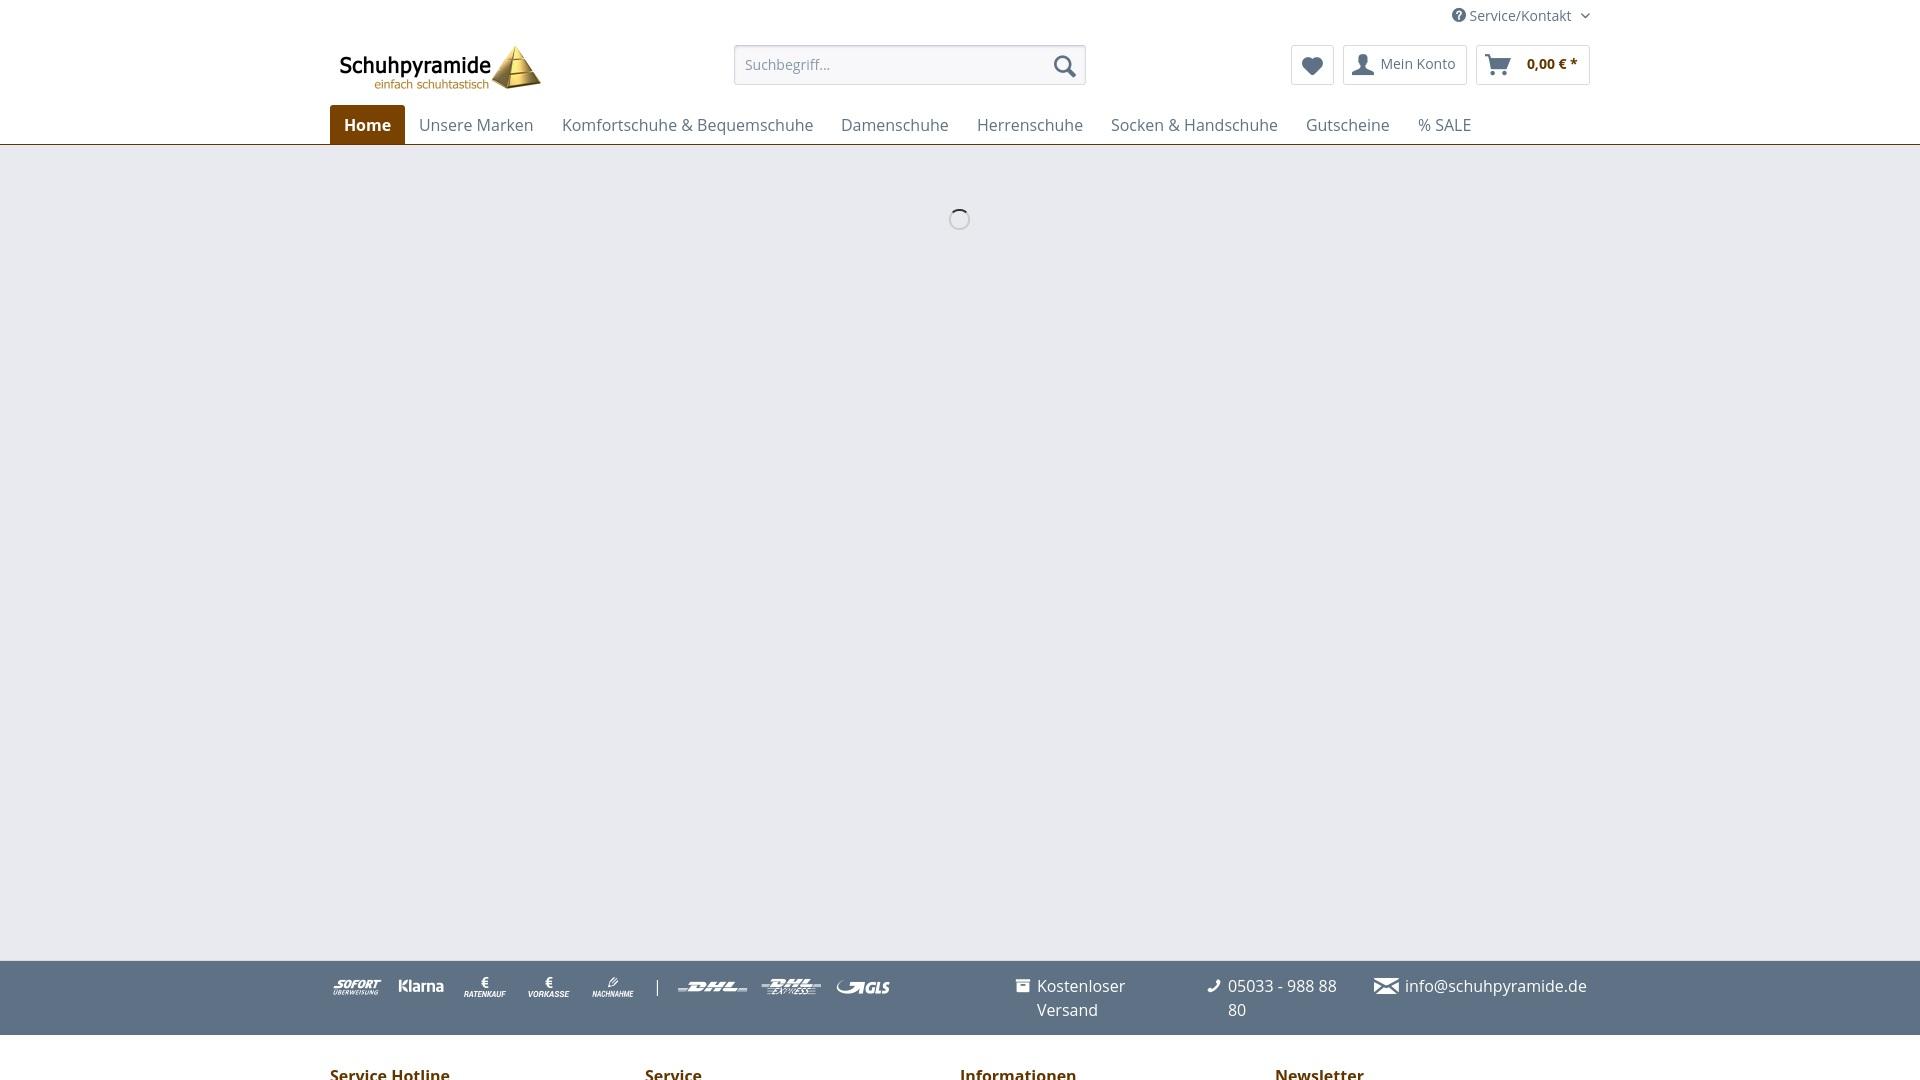 Geld zurück bei Schuhpyramide: Jetzt im April 2021 Cashback für Schuhpyramide sichern